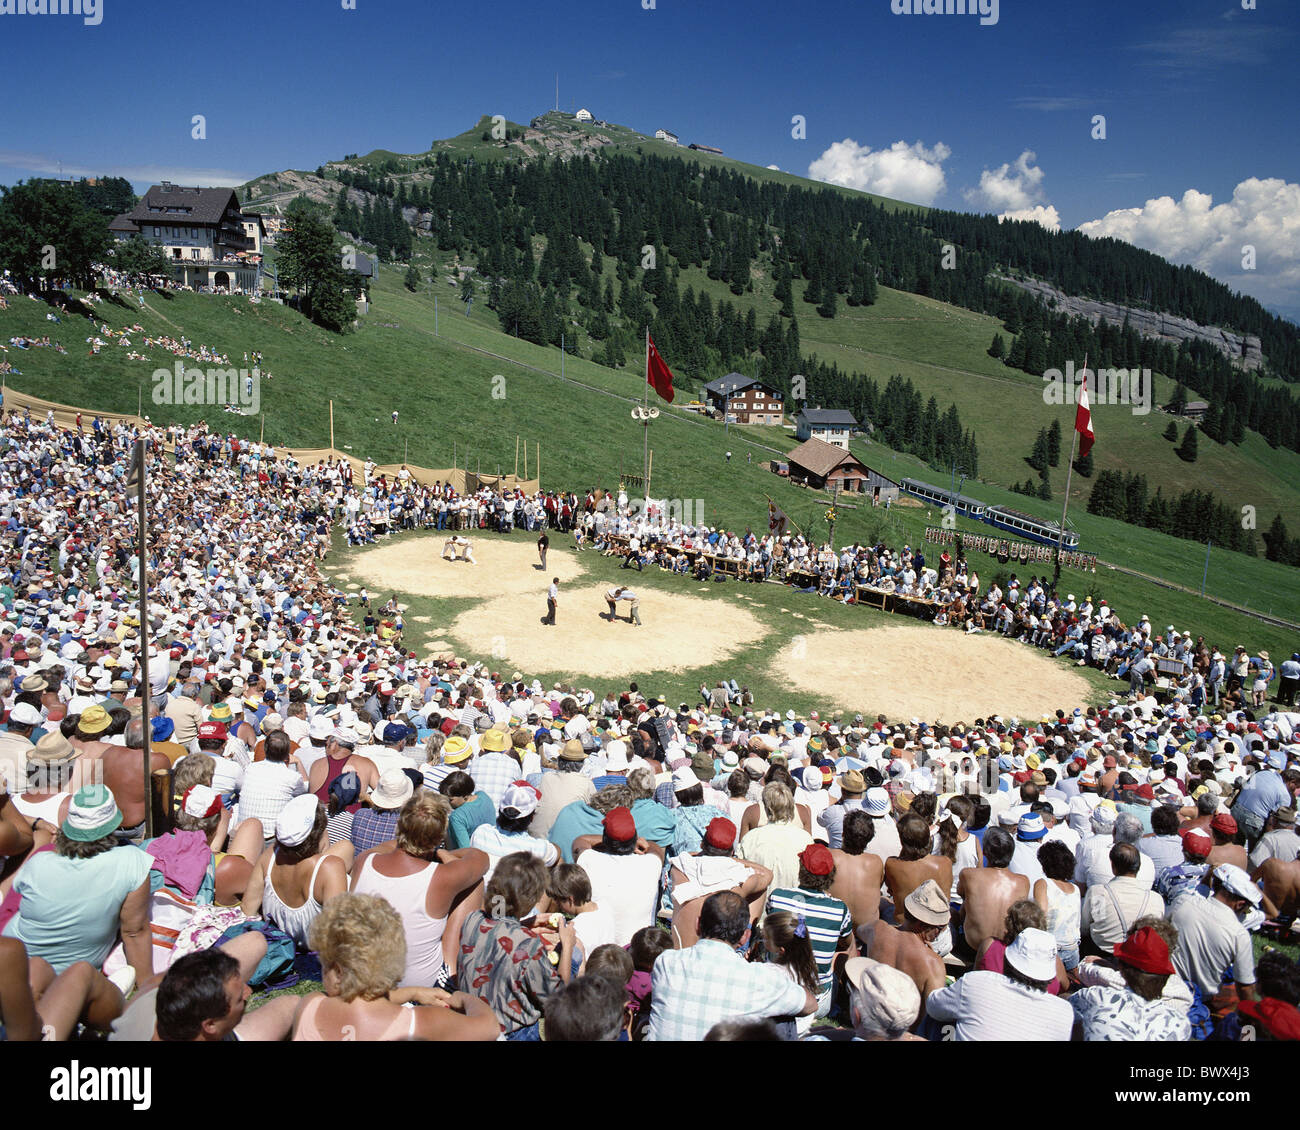 tradition folklore battlefields Rigi Switzerland Europe Swiss wrestling swings sport overview - Stock Image